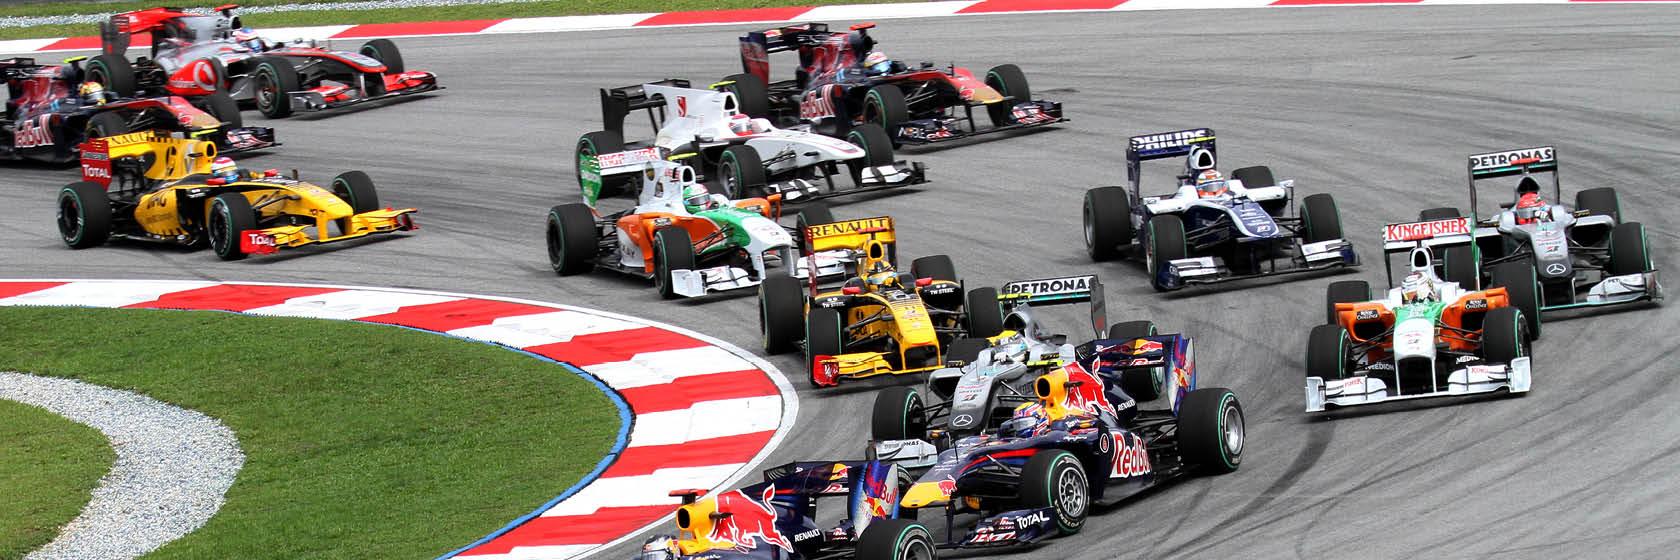 Motorsportsrejser